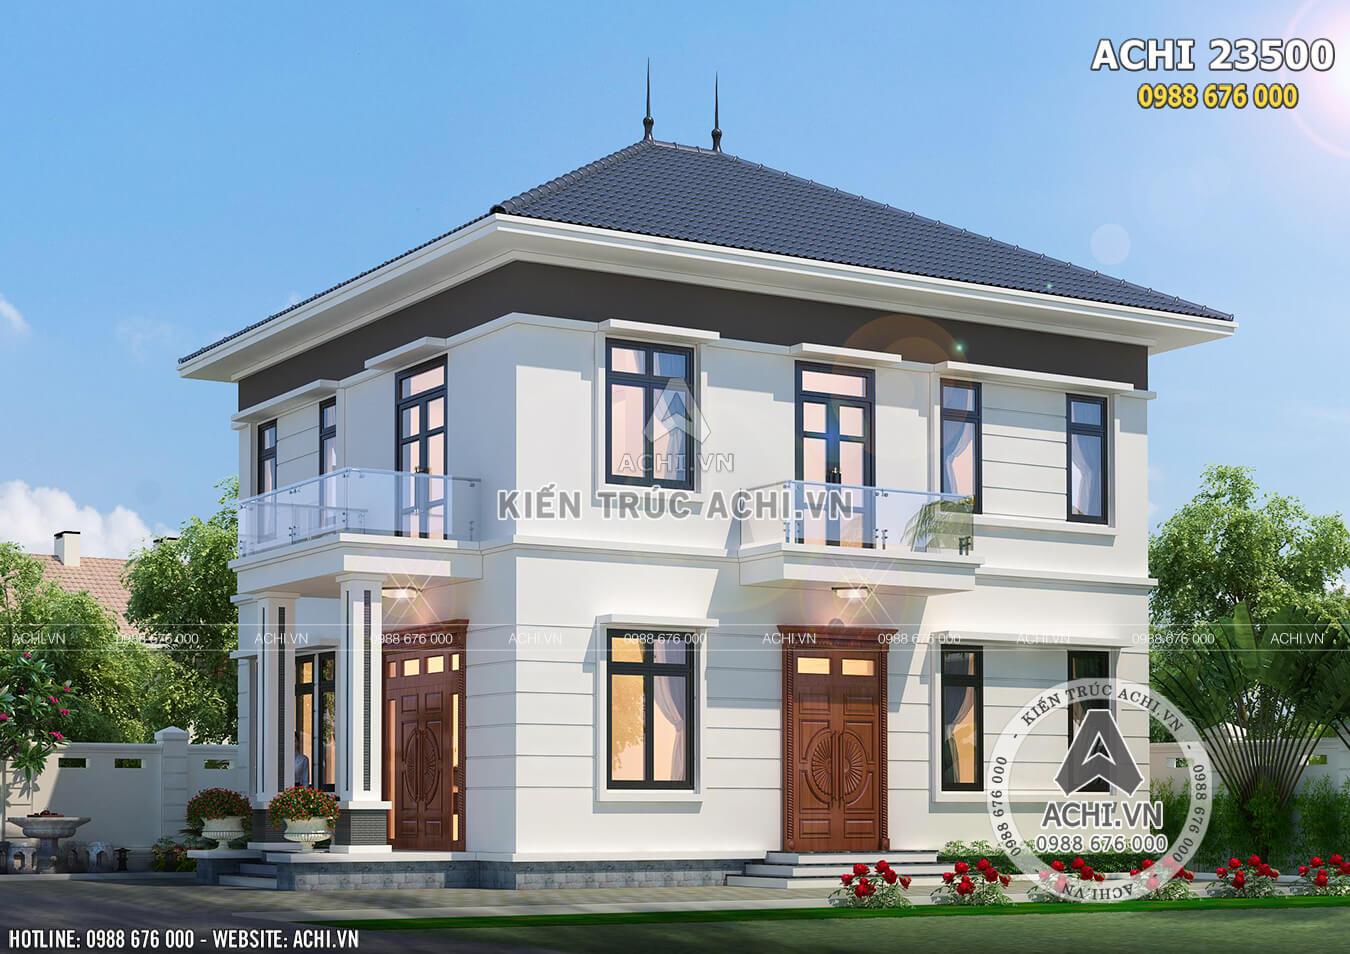 Mẫu nhà 2 tầng mái thái thoáng rộng với nhiều cửa sổ